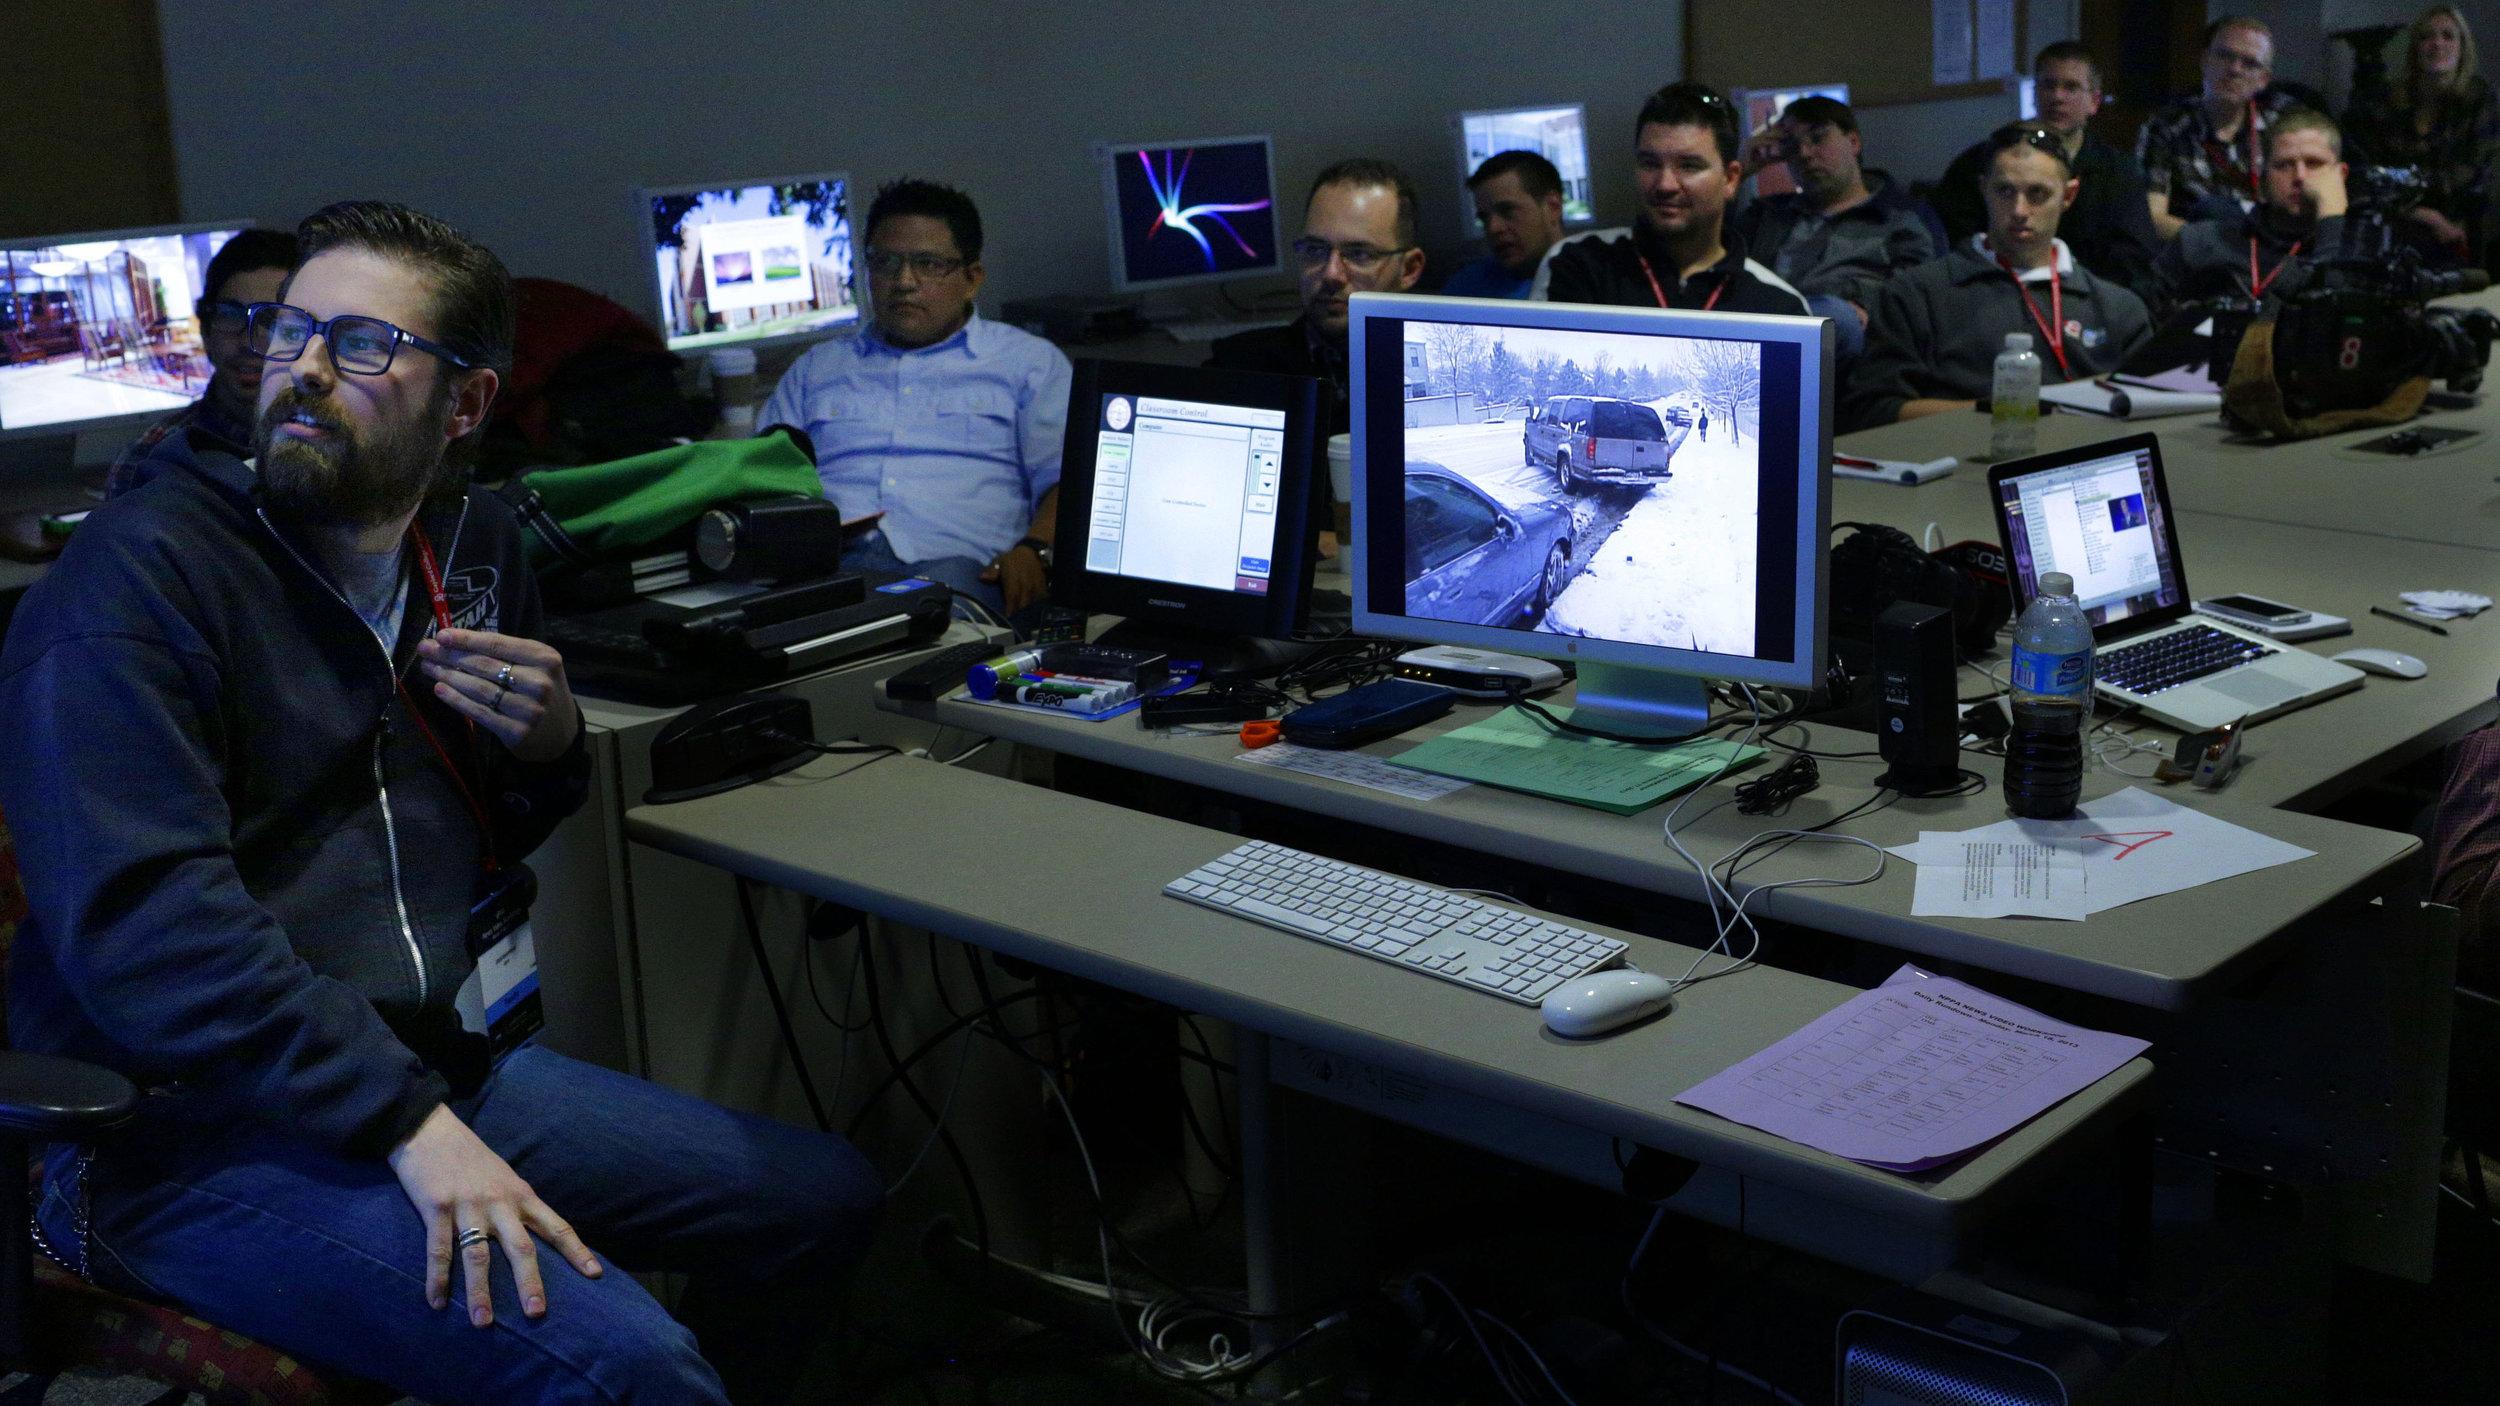 NPPA_News_Video_Workshop.jpg